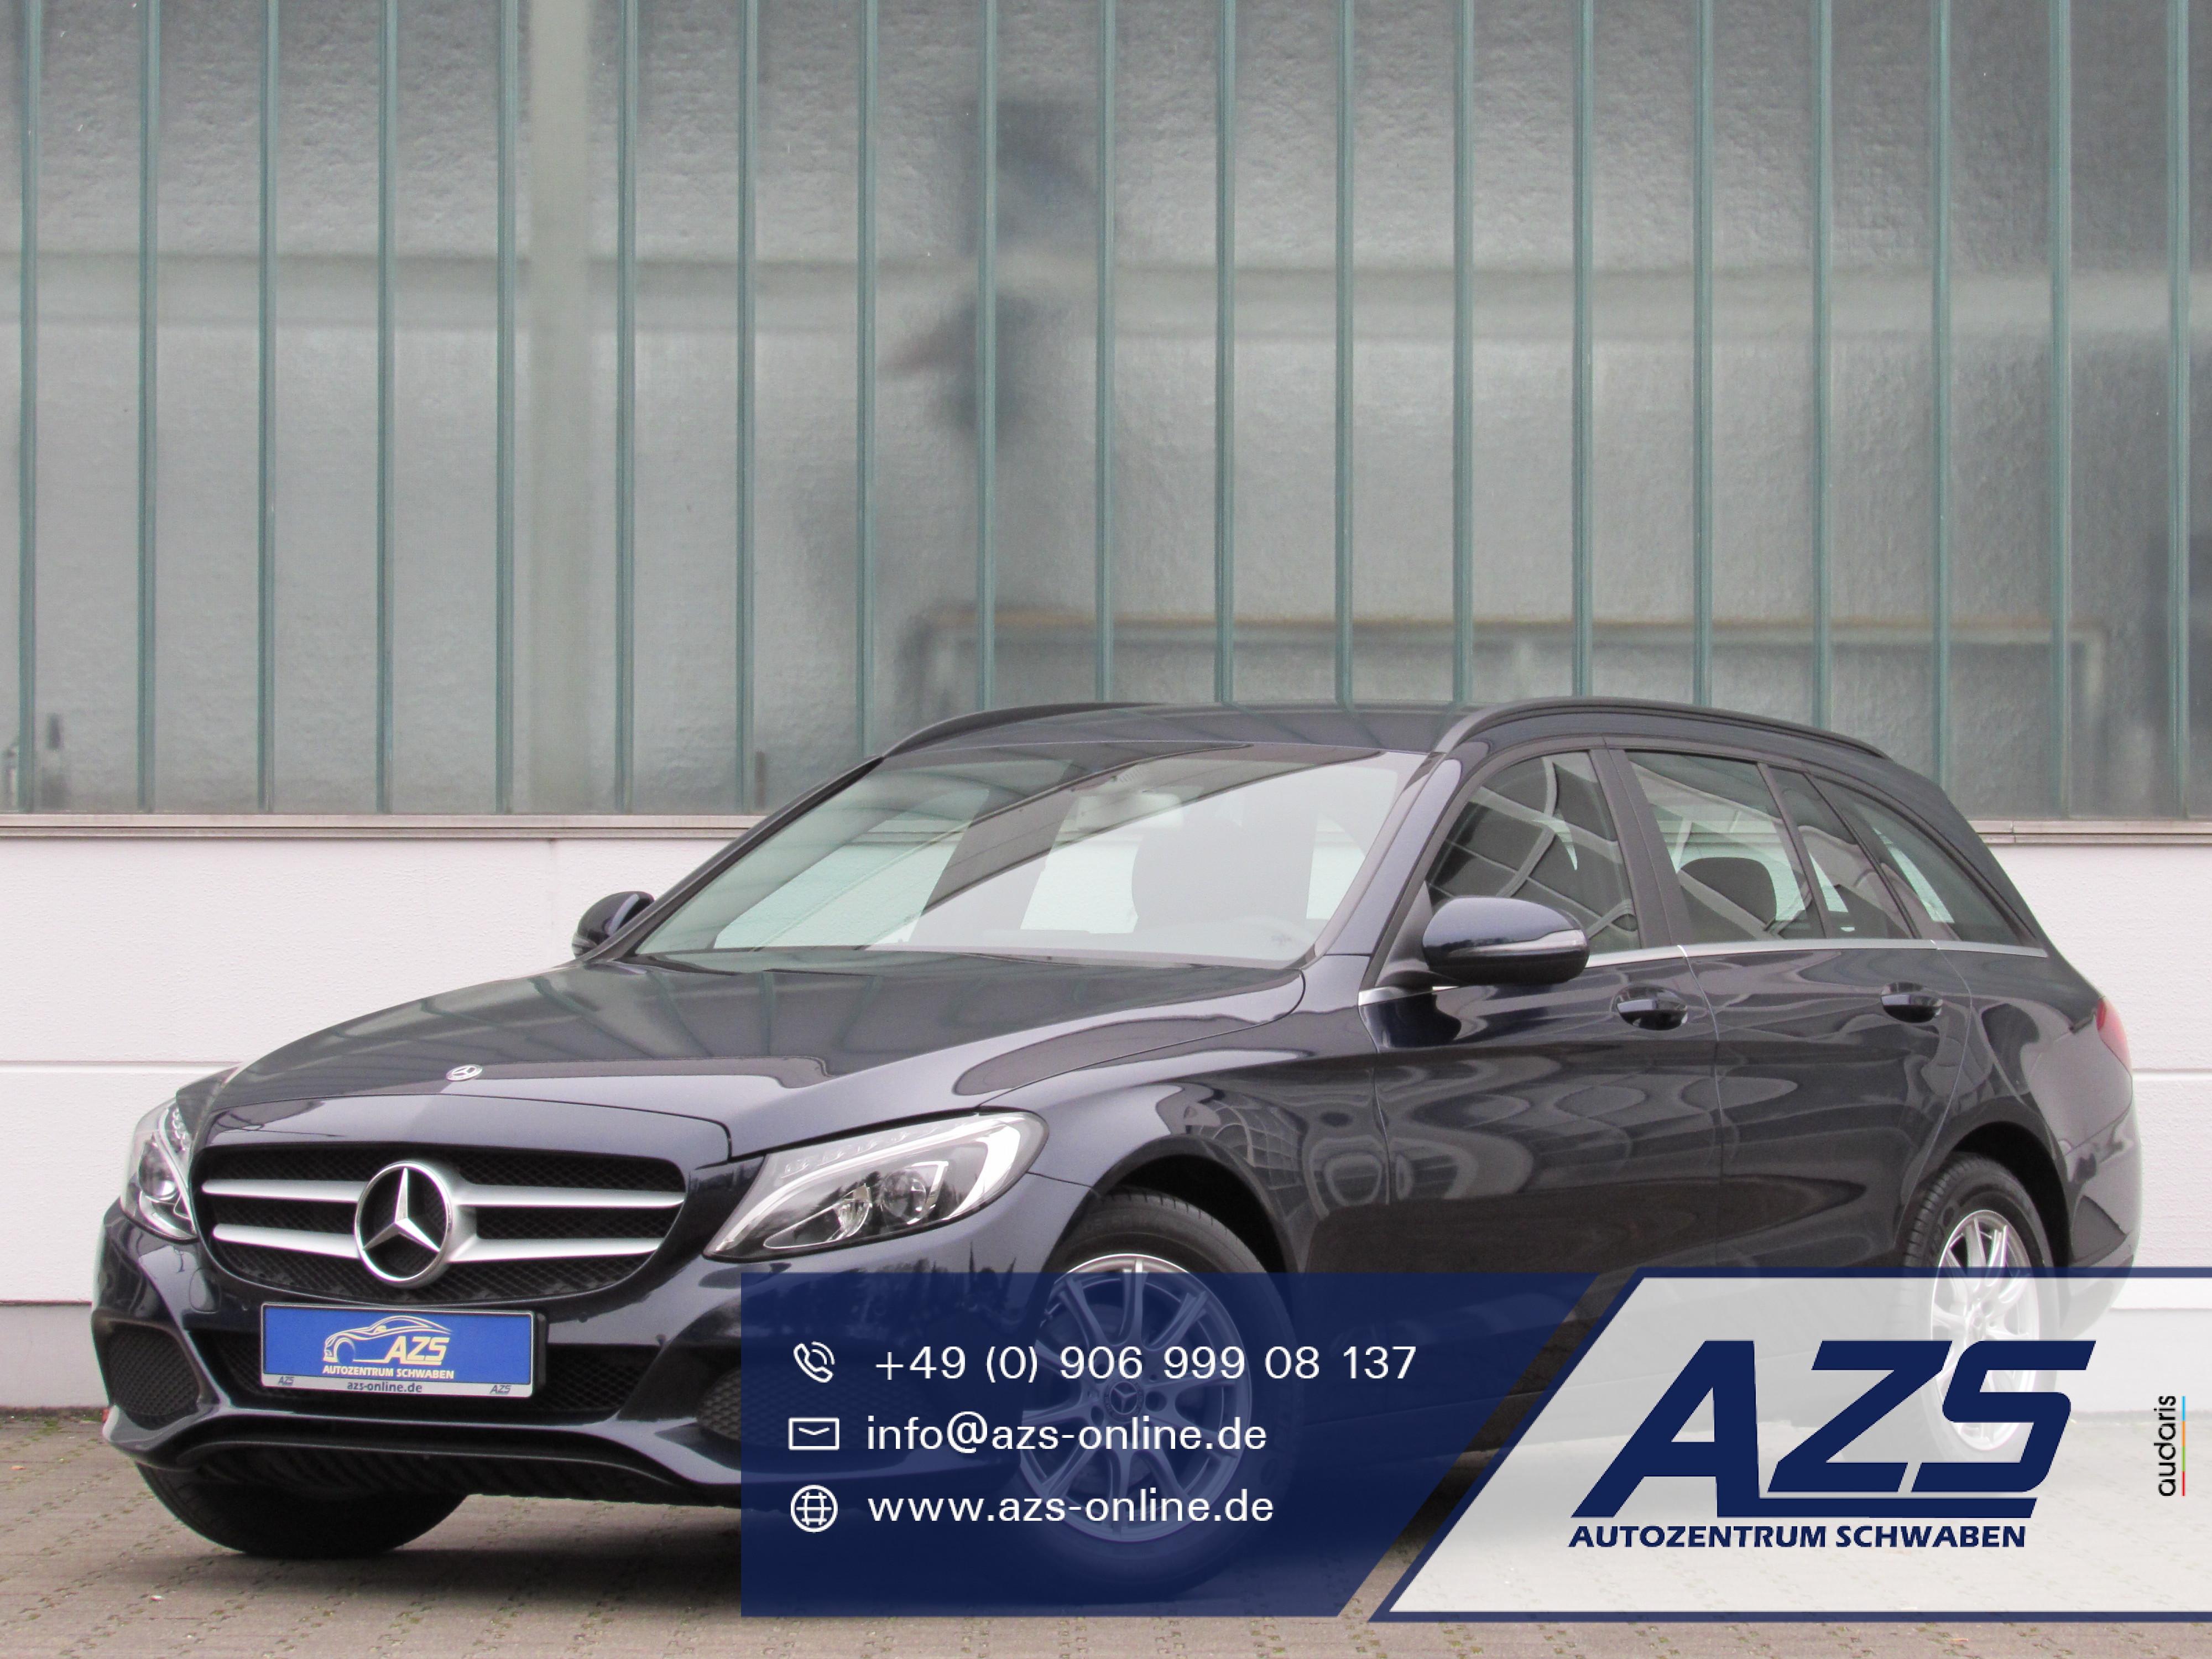 Mercedes-Benz C 200 | Navi | LED | AZS-SICHERER-ONLINE-KAUF, Jahr 2017, Diesel